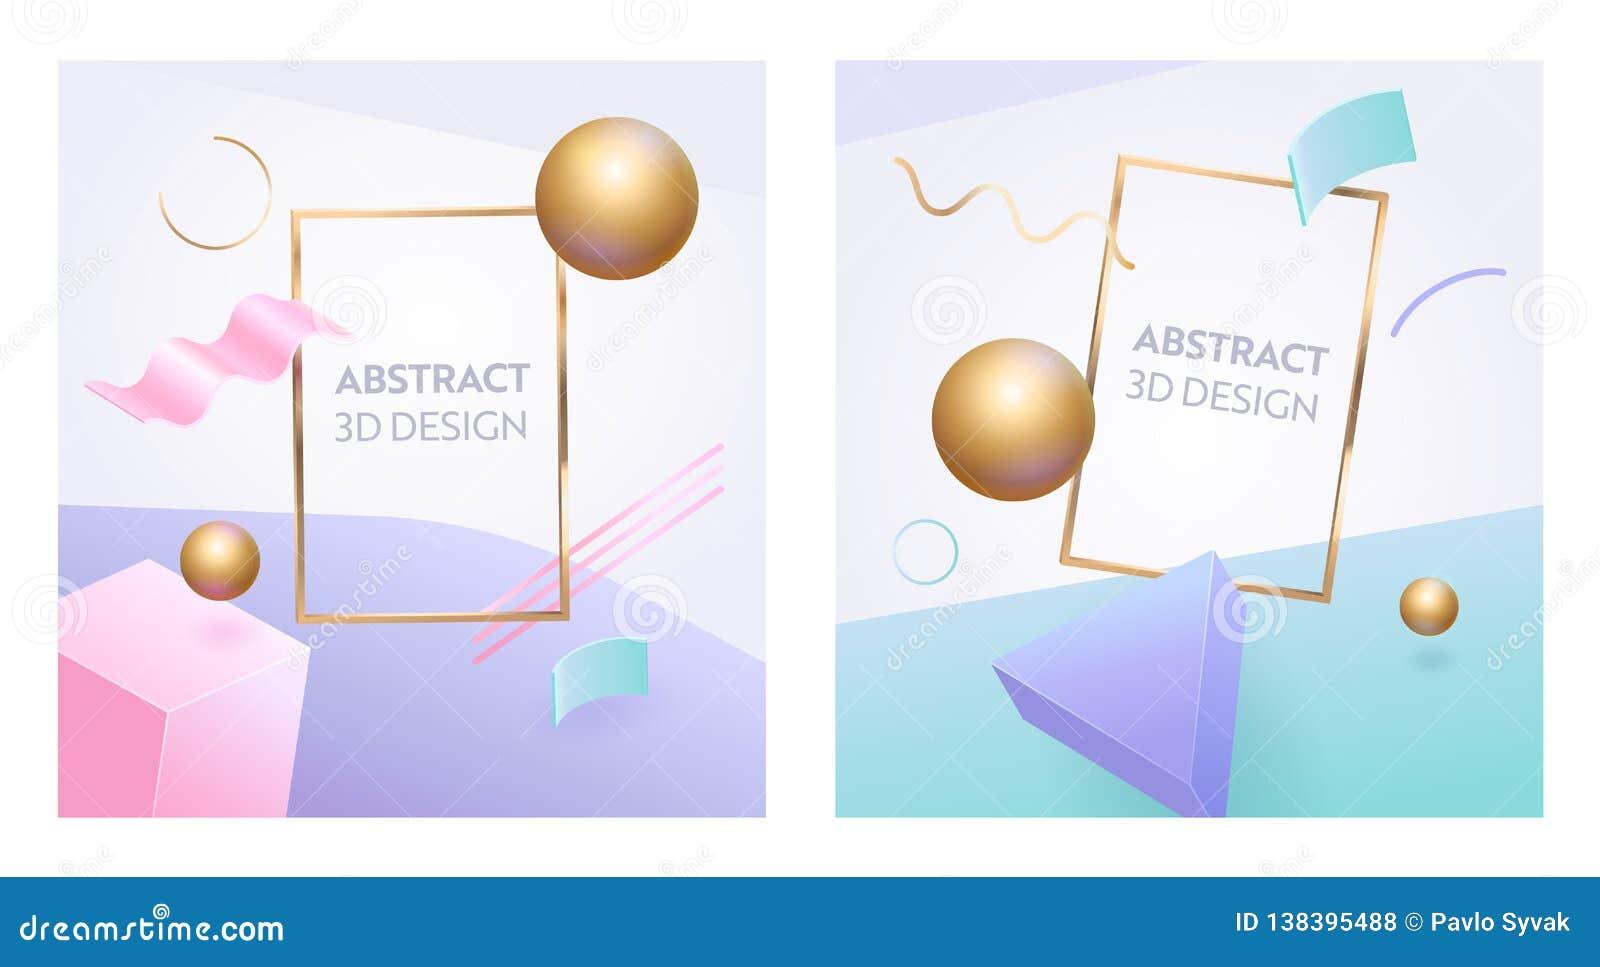 Abstracte Geometrische 3d de Bannerreeks van het Cijferkader De digitale Grafische Achtergrond van de Gebiedvorm voor de Reclame